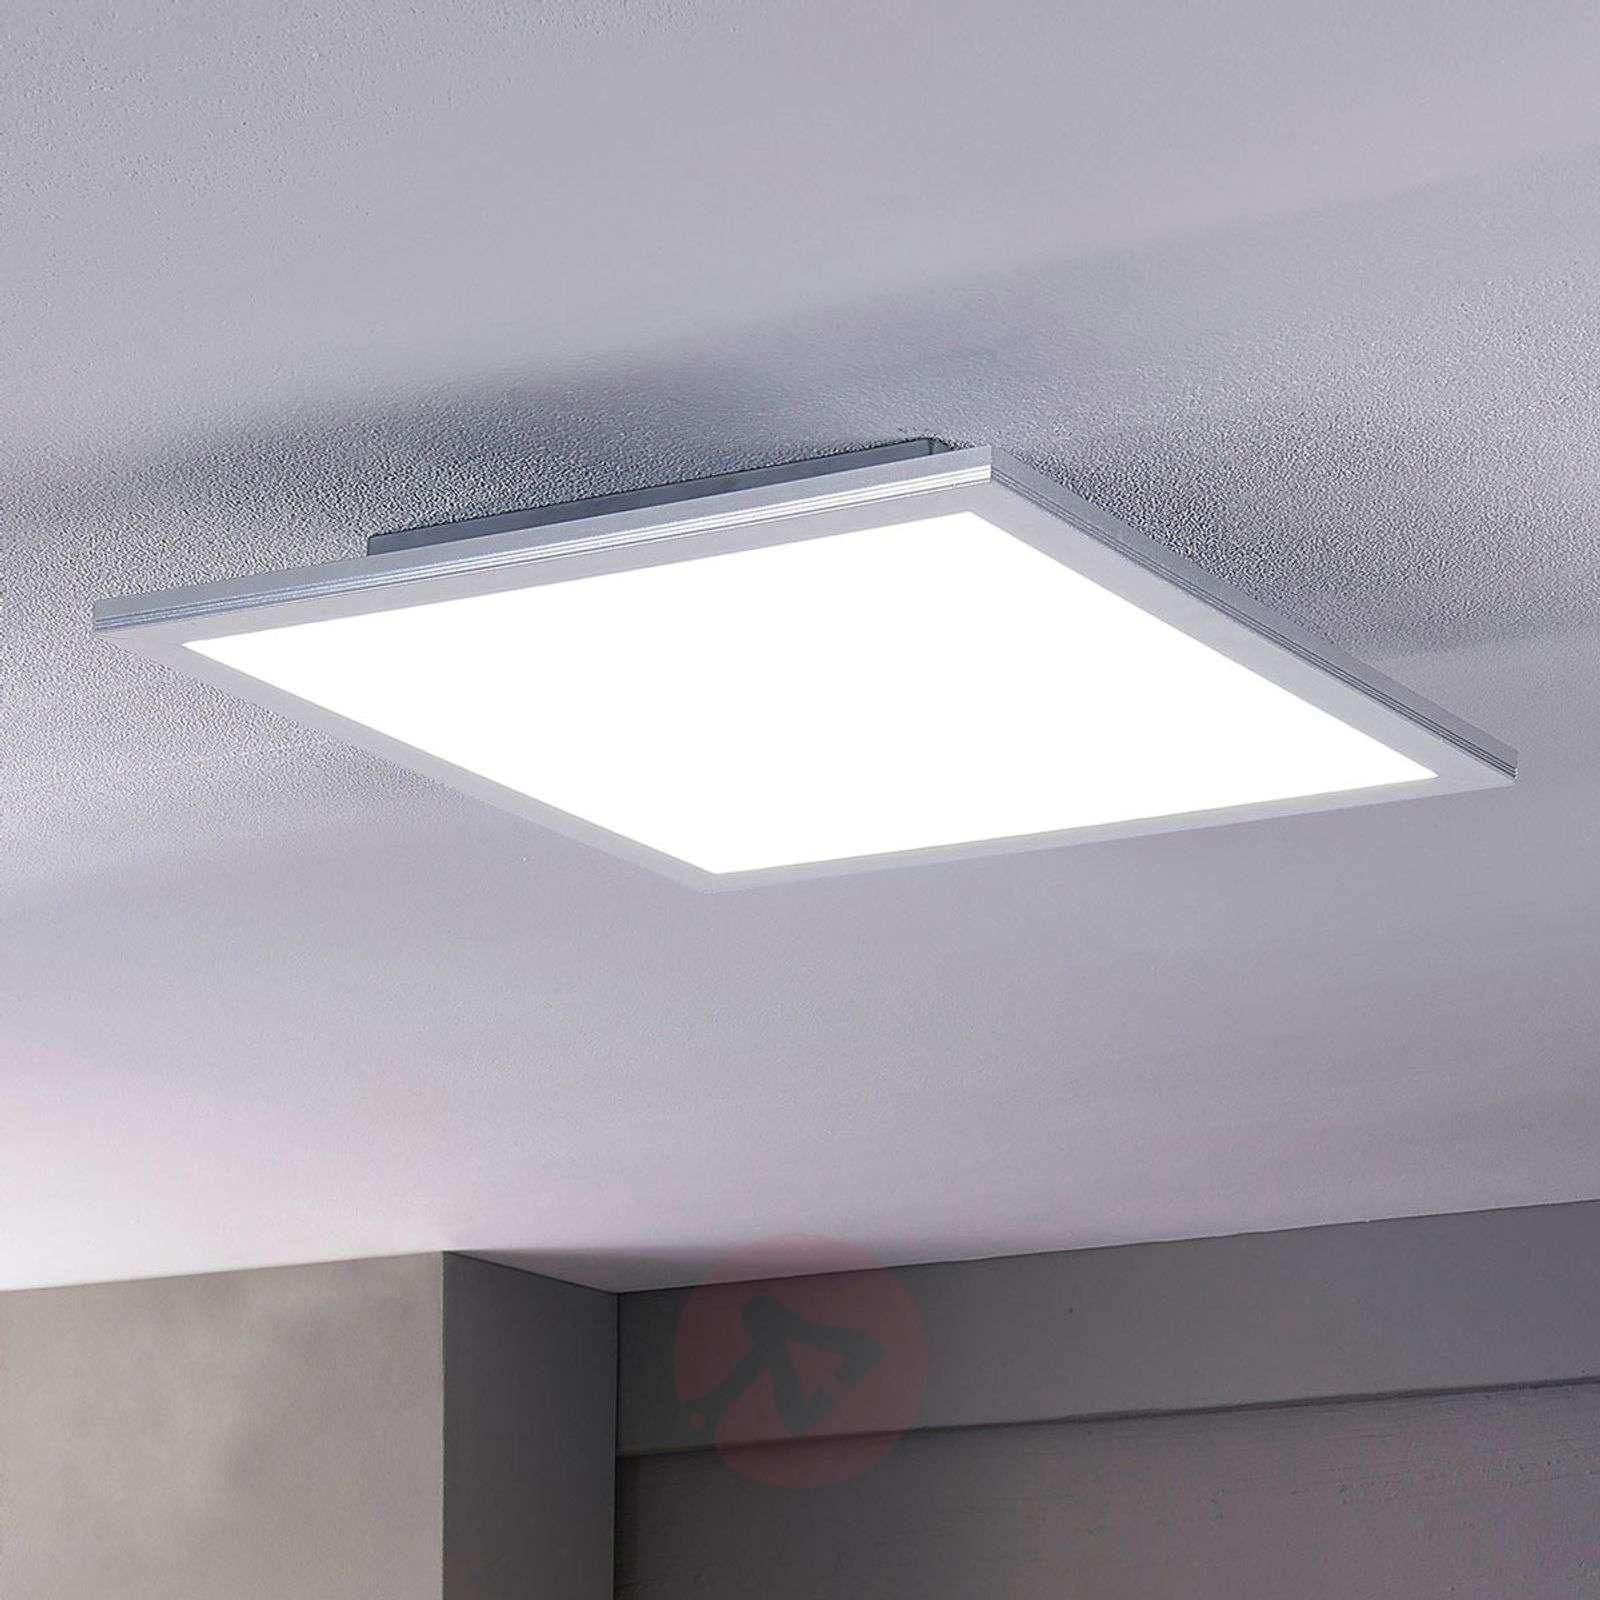 LED-paneeli Liv, vaihtuva väri, himmennettävä-9956005-02